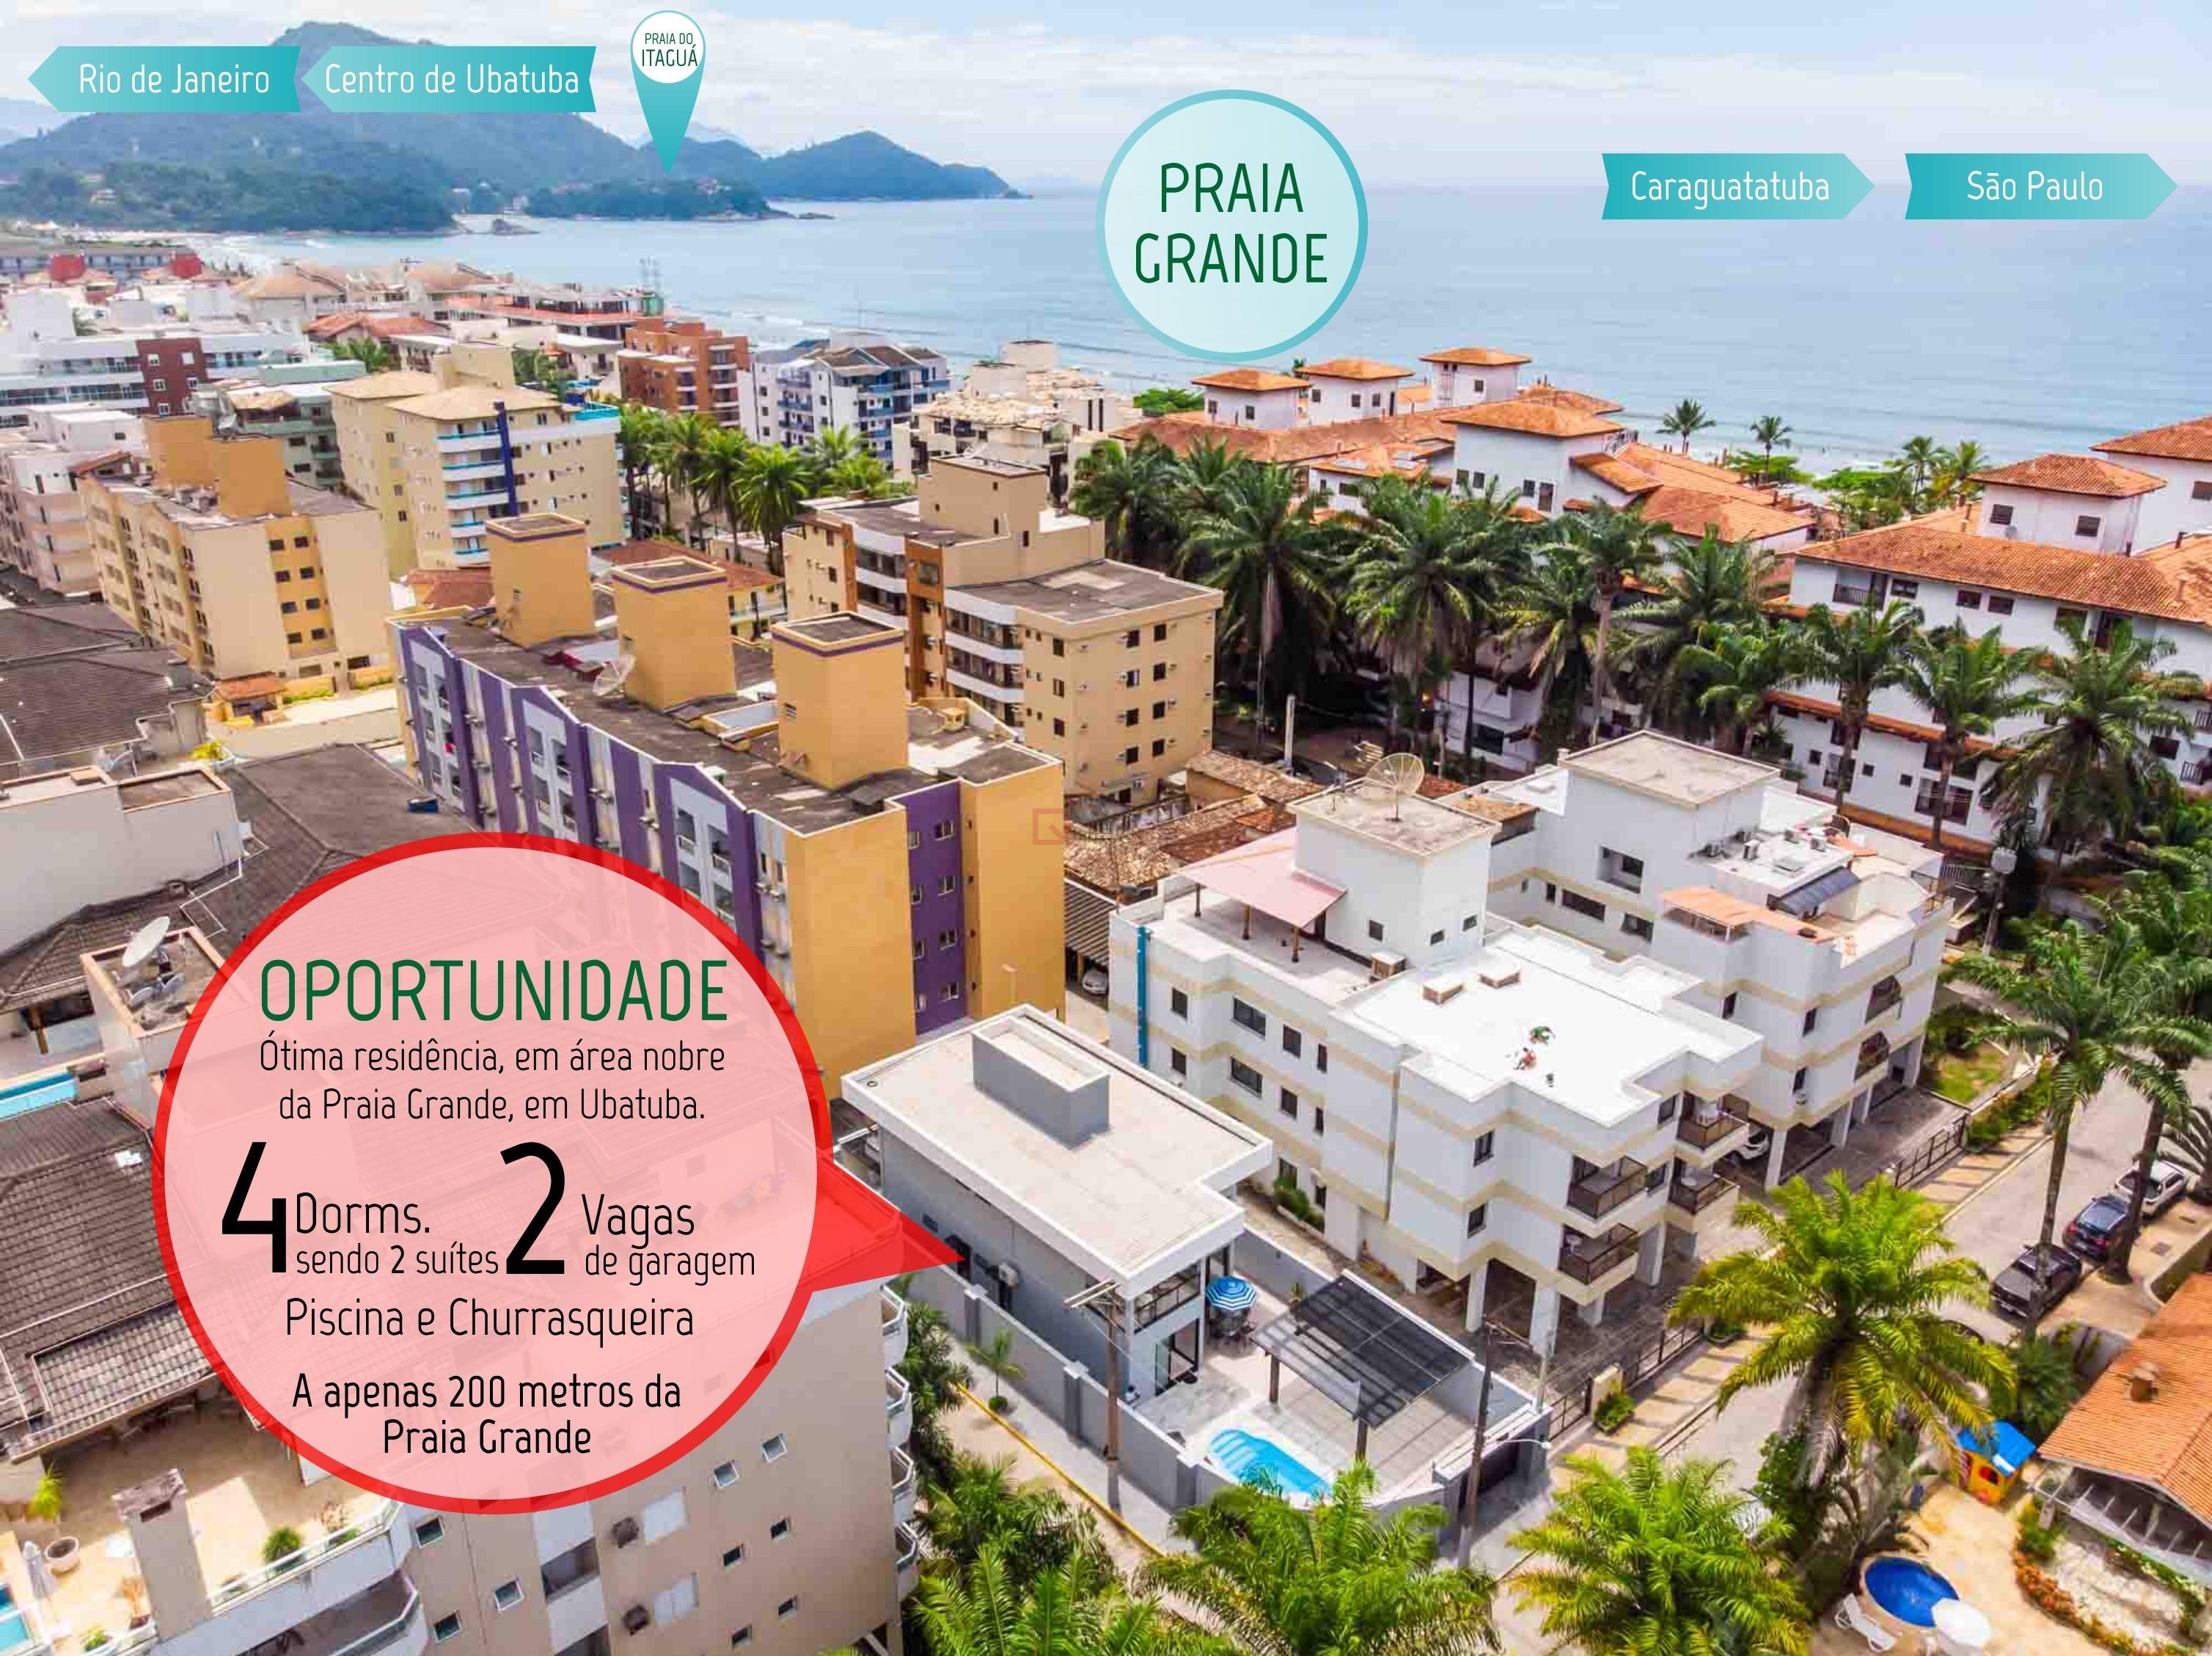 Casa com 4 dormitórios (2 suítes) à venda em Ubatuba, no bairro Praia Grande